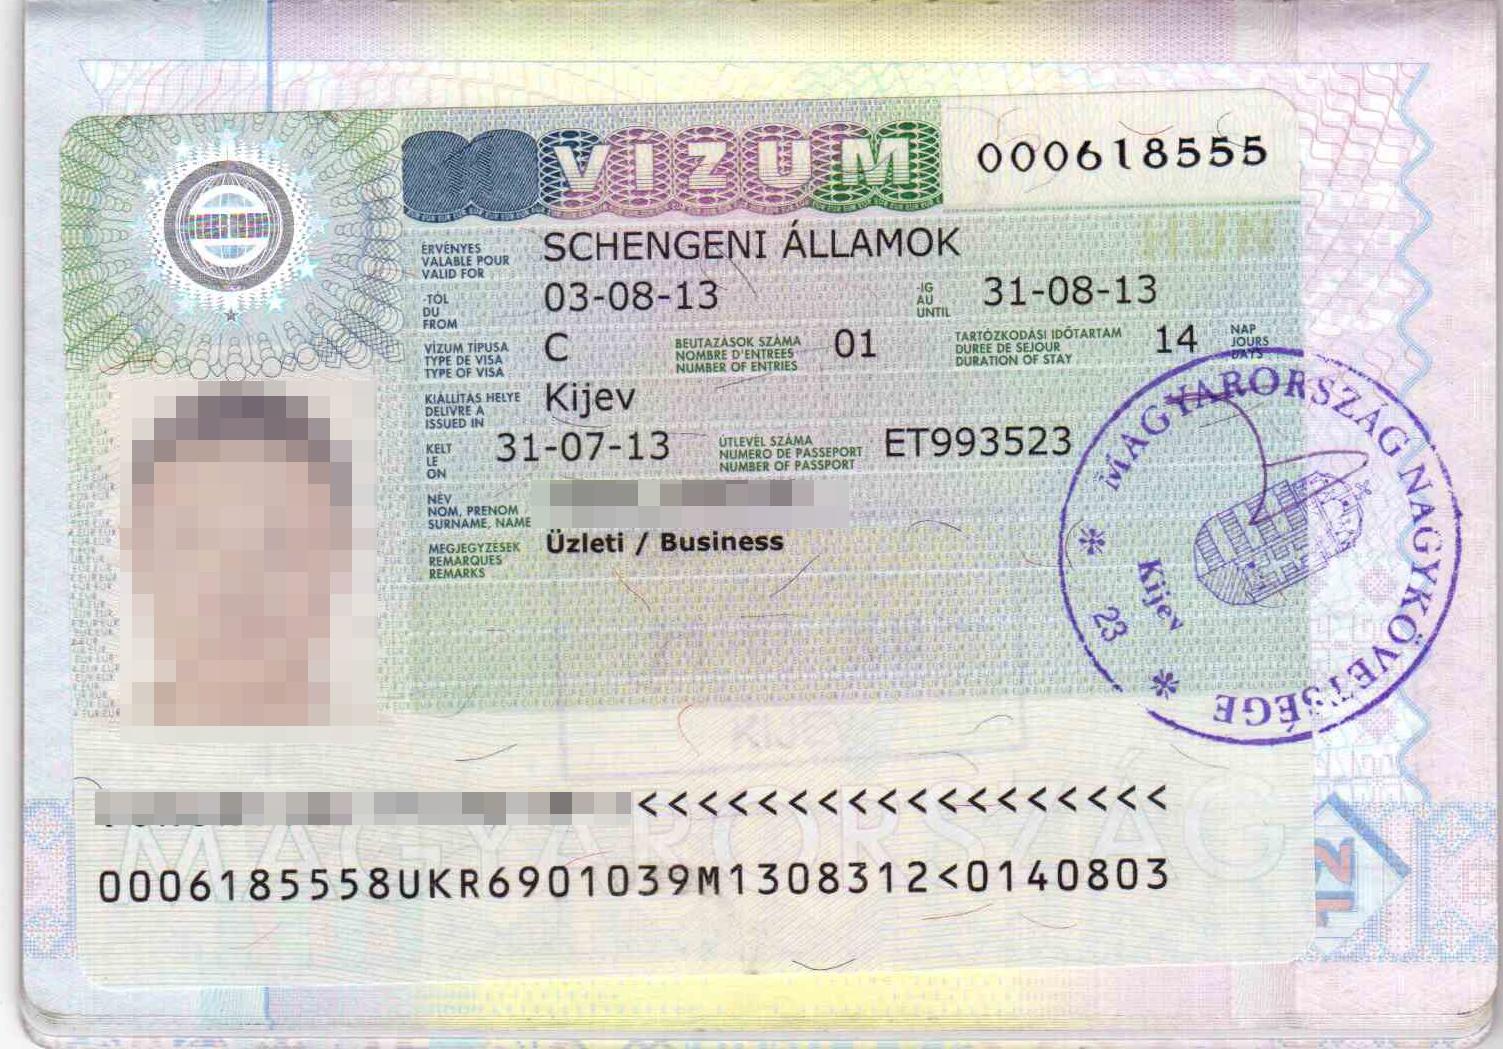 Виза в Венгрию: подробный разбор текущей ситуации